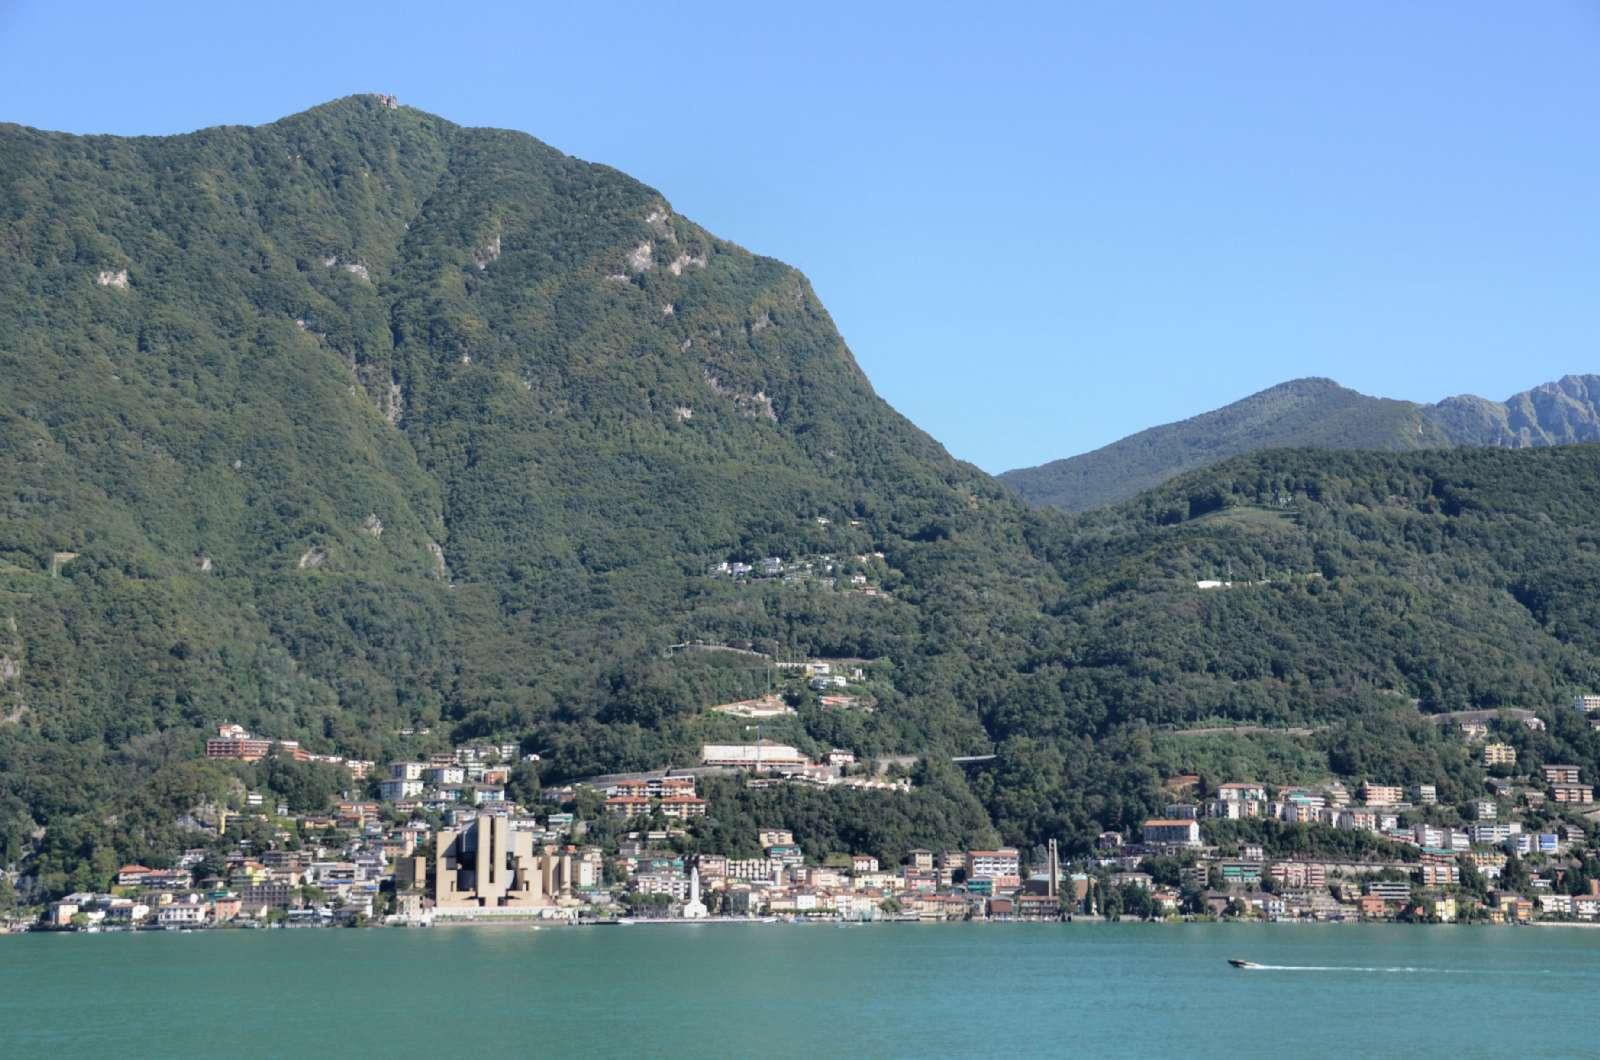 Campione d'Italia ligger smukt mellem sø og bjergryg